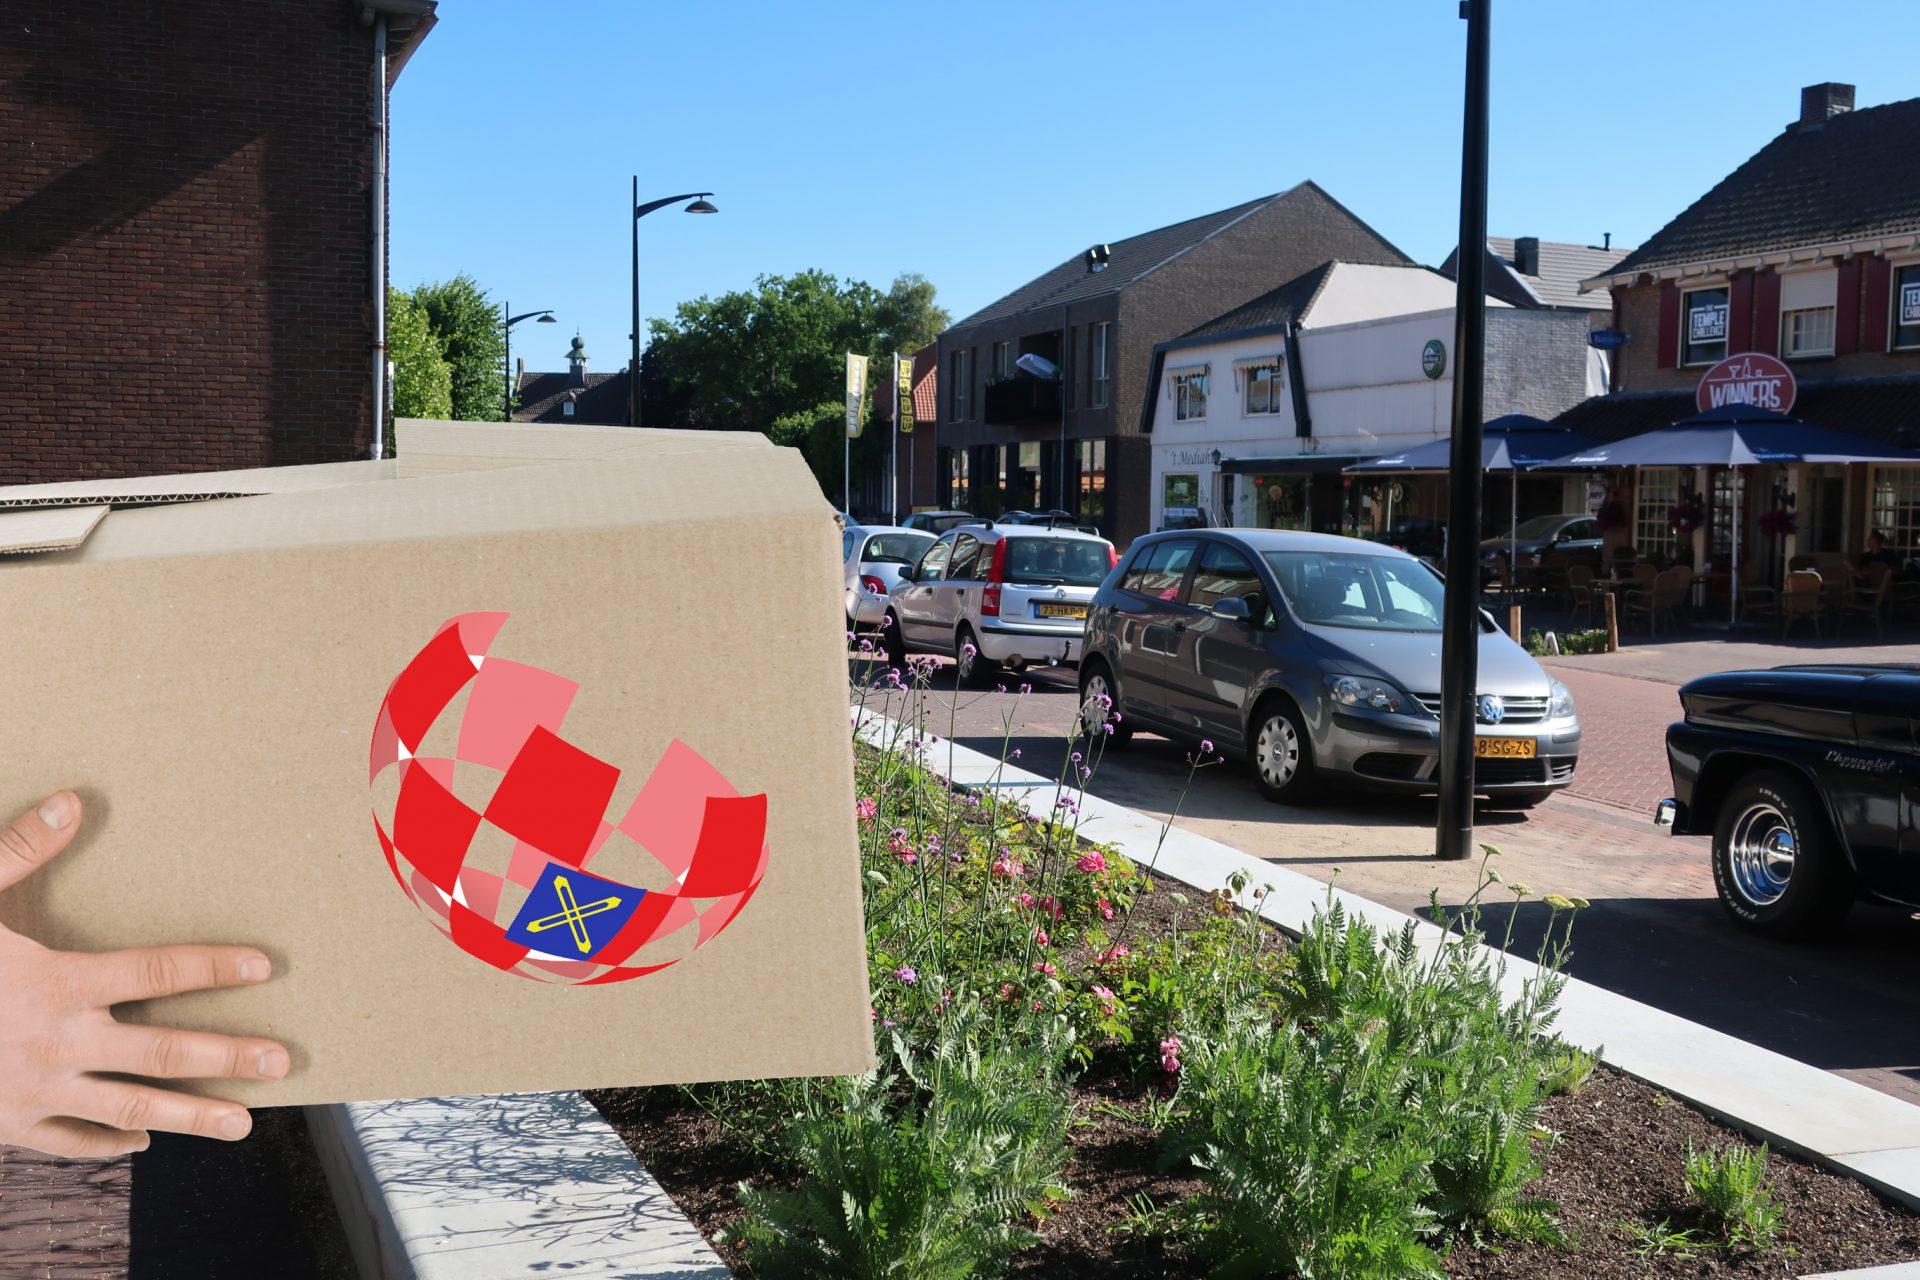 OVN Pakketdienst - straatbeeld